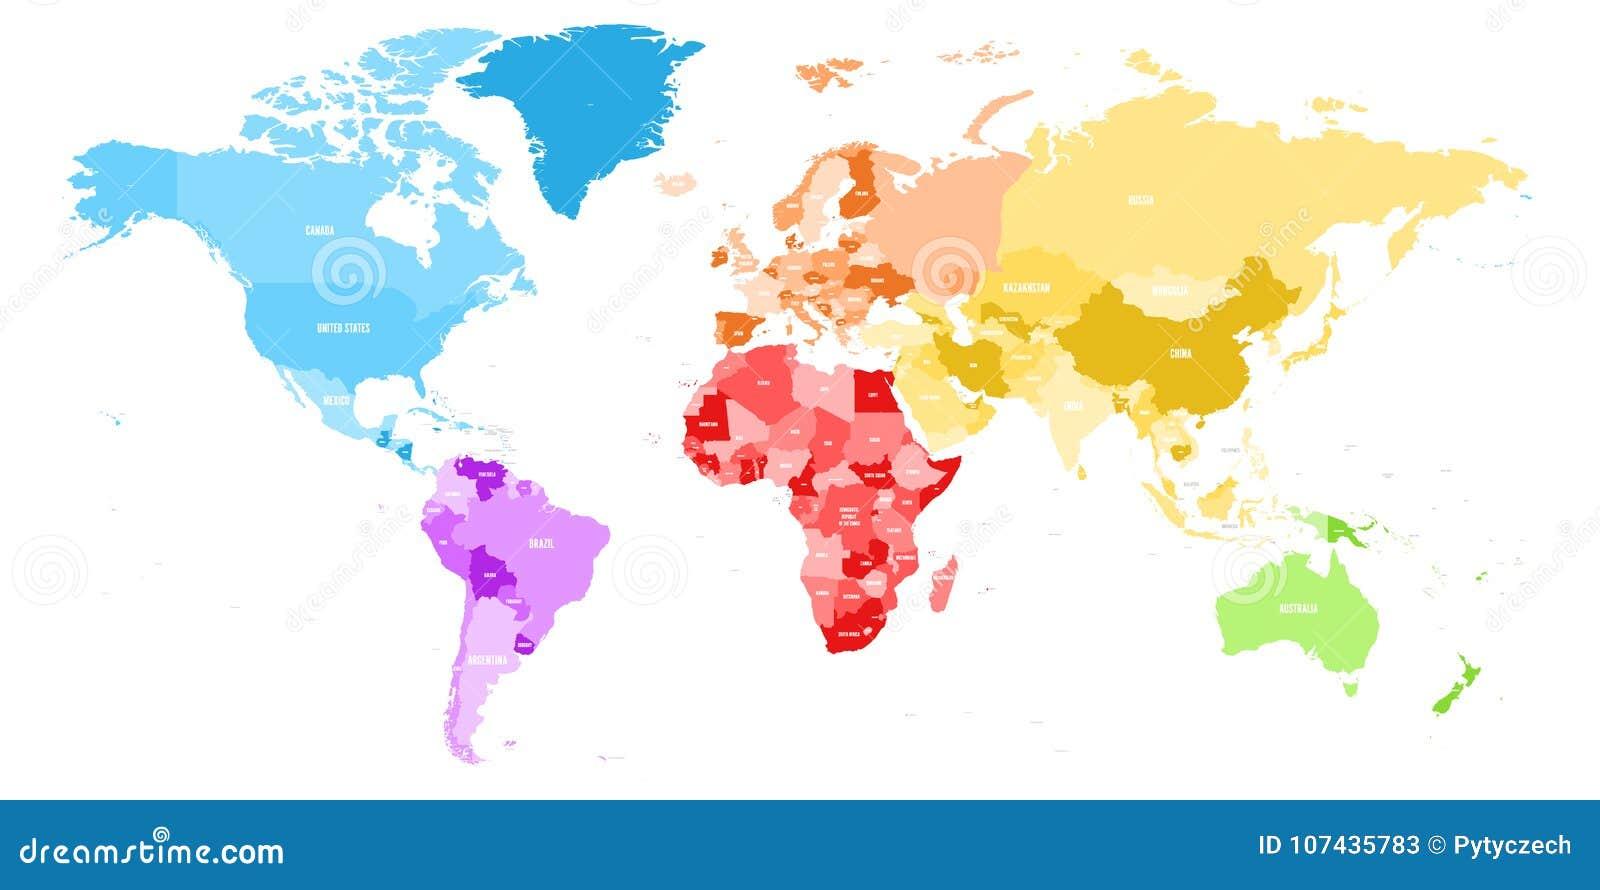 Bunte politische Karte der Welt teilte in sechs Kontinent mit Ländernameaufklebern unter Vektorkarte im Regenbogenspektrum